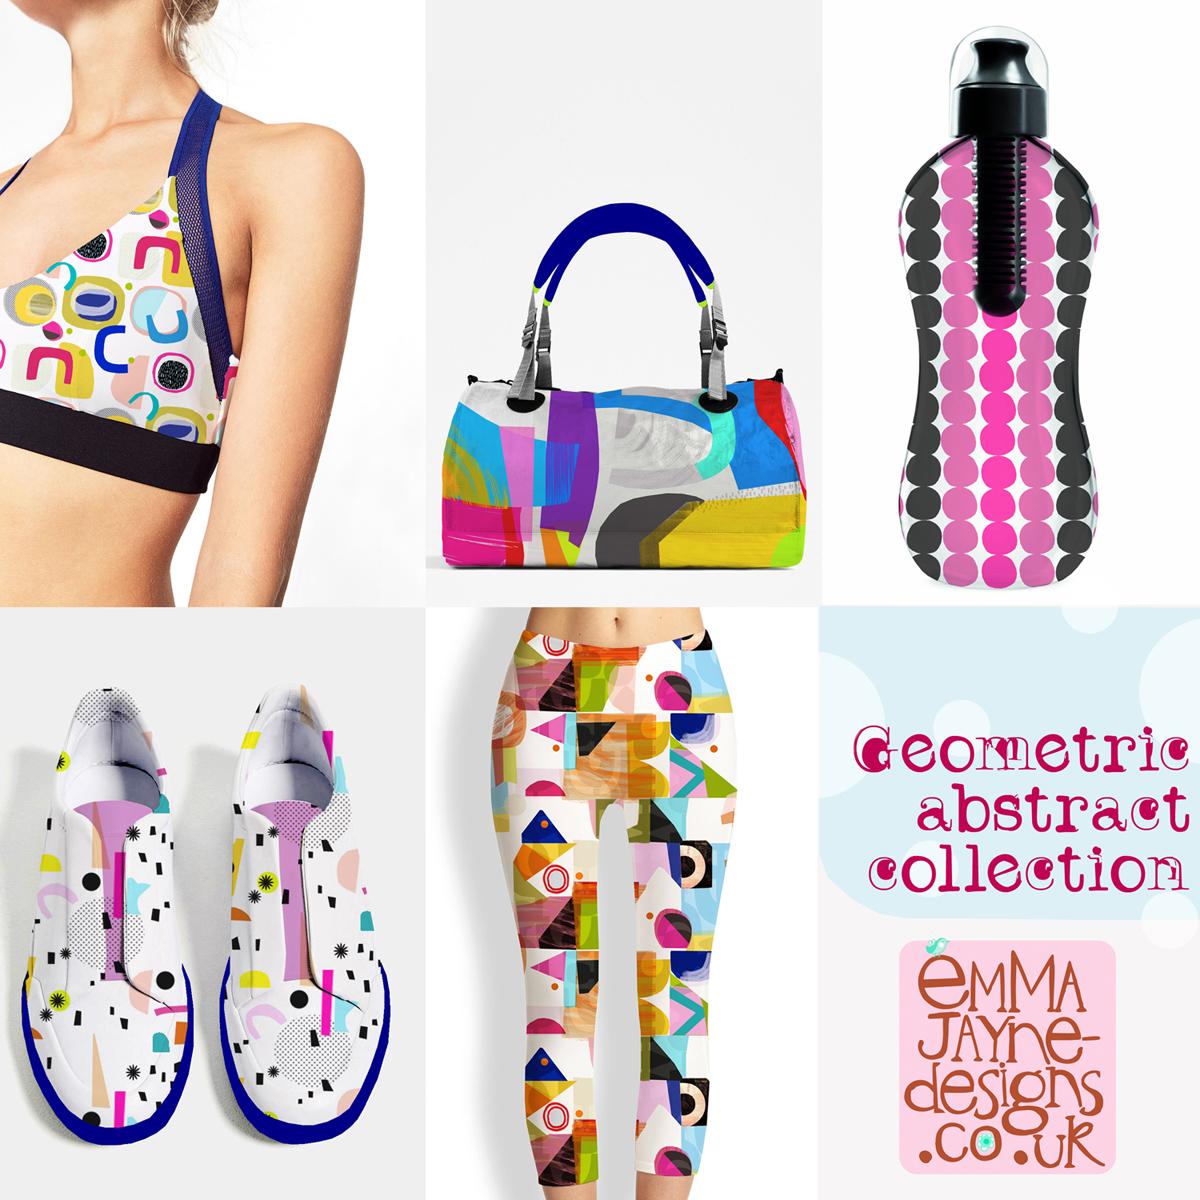 geometric-sportswear-pattern-designs3-emmajayne-designs